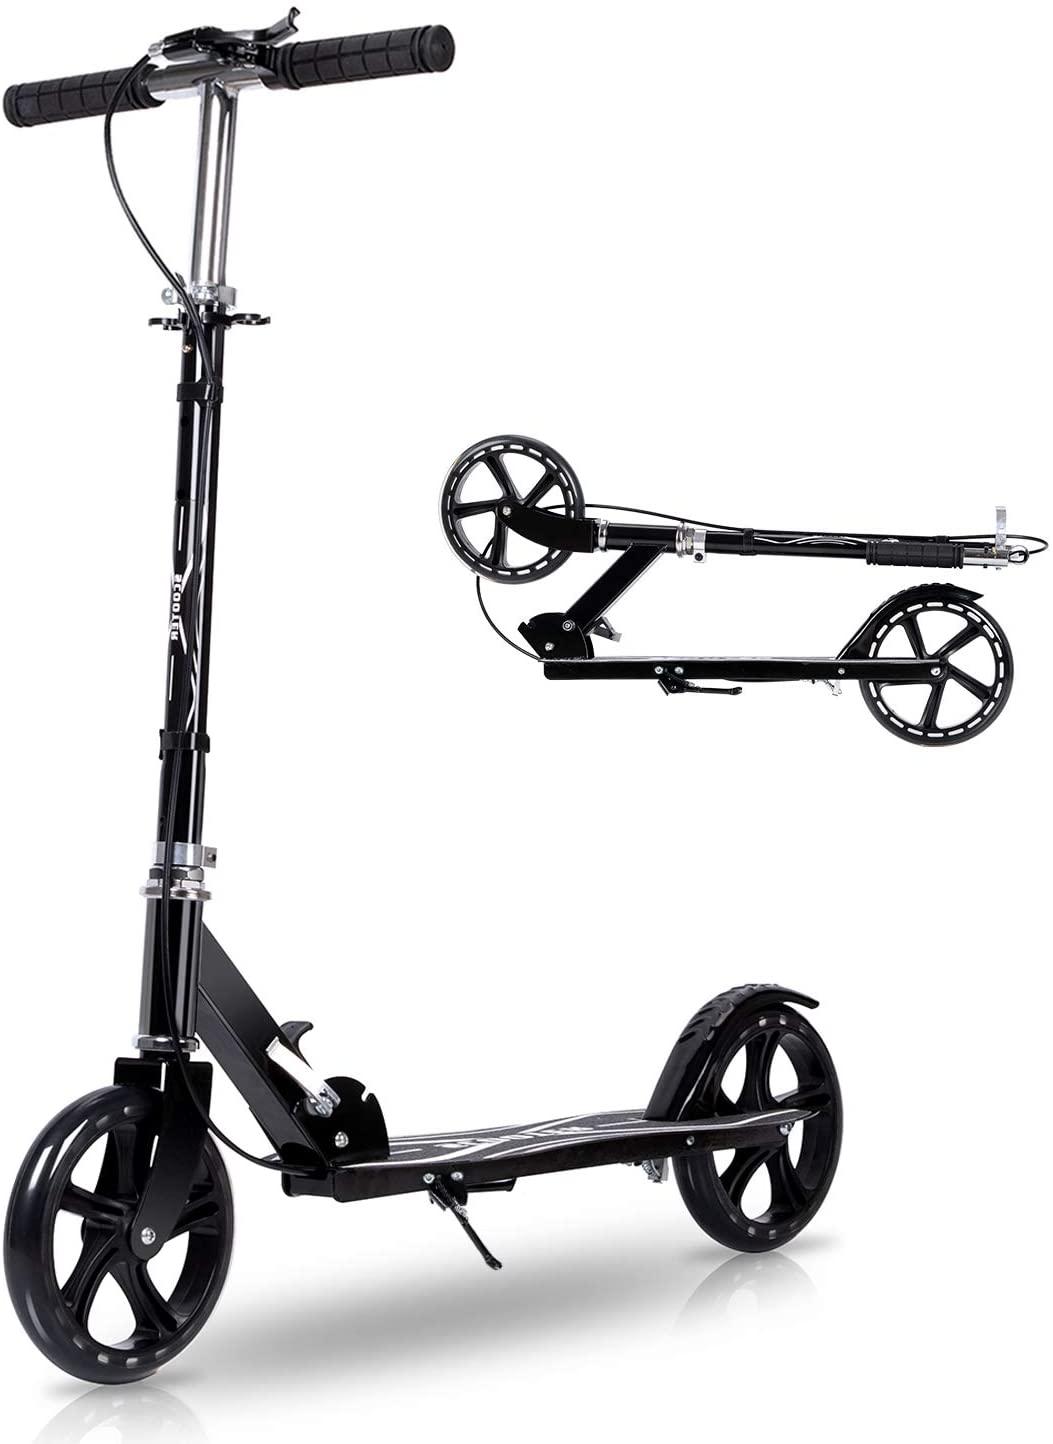 キックボード キックスクーター 子供 大人用 3段階調節 折りたたみ式 フット/ハンドブレーキ 持ち運び便利 アルミニウム製 立ち乗り式二輪車 - ブラック